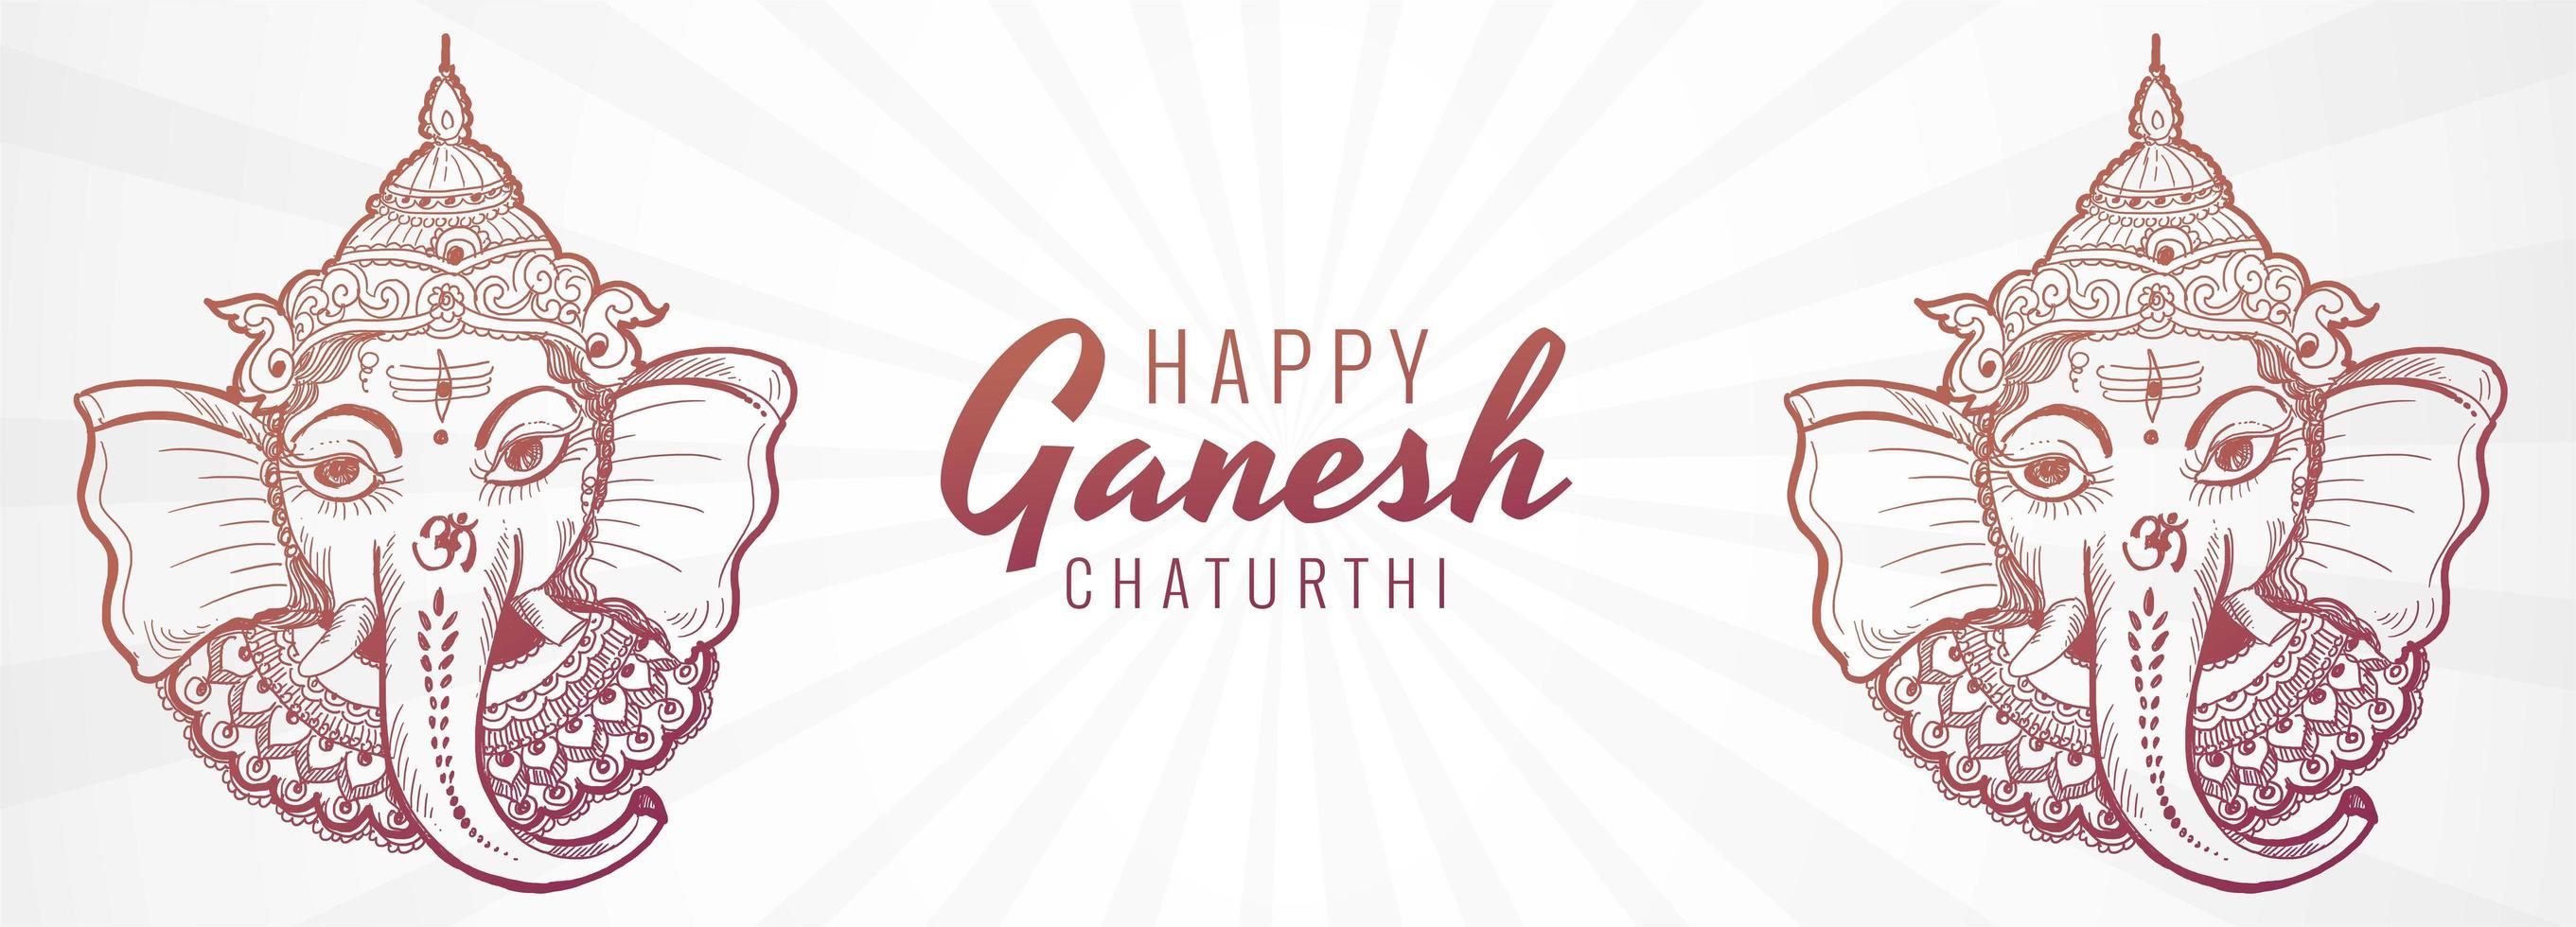 banner criativo artístico do festival ganesh chaturthi vetor